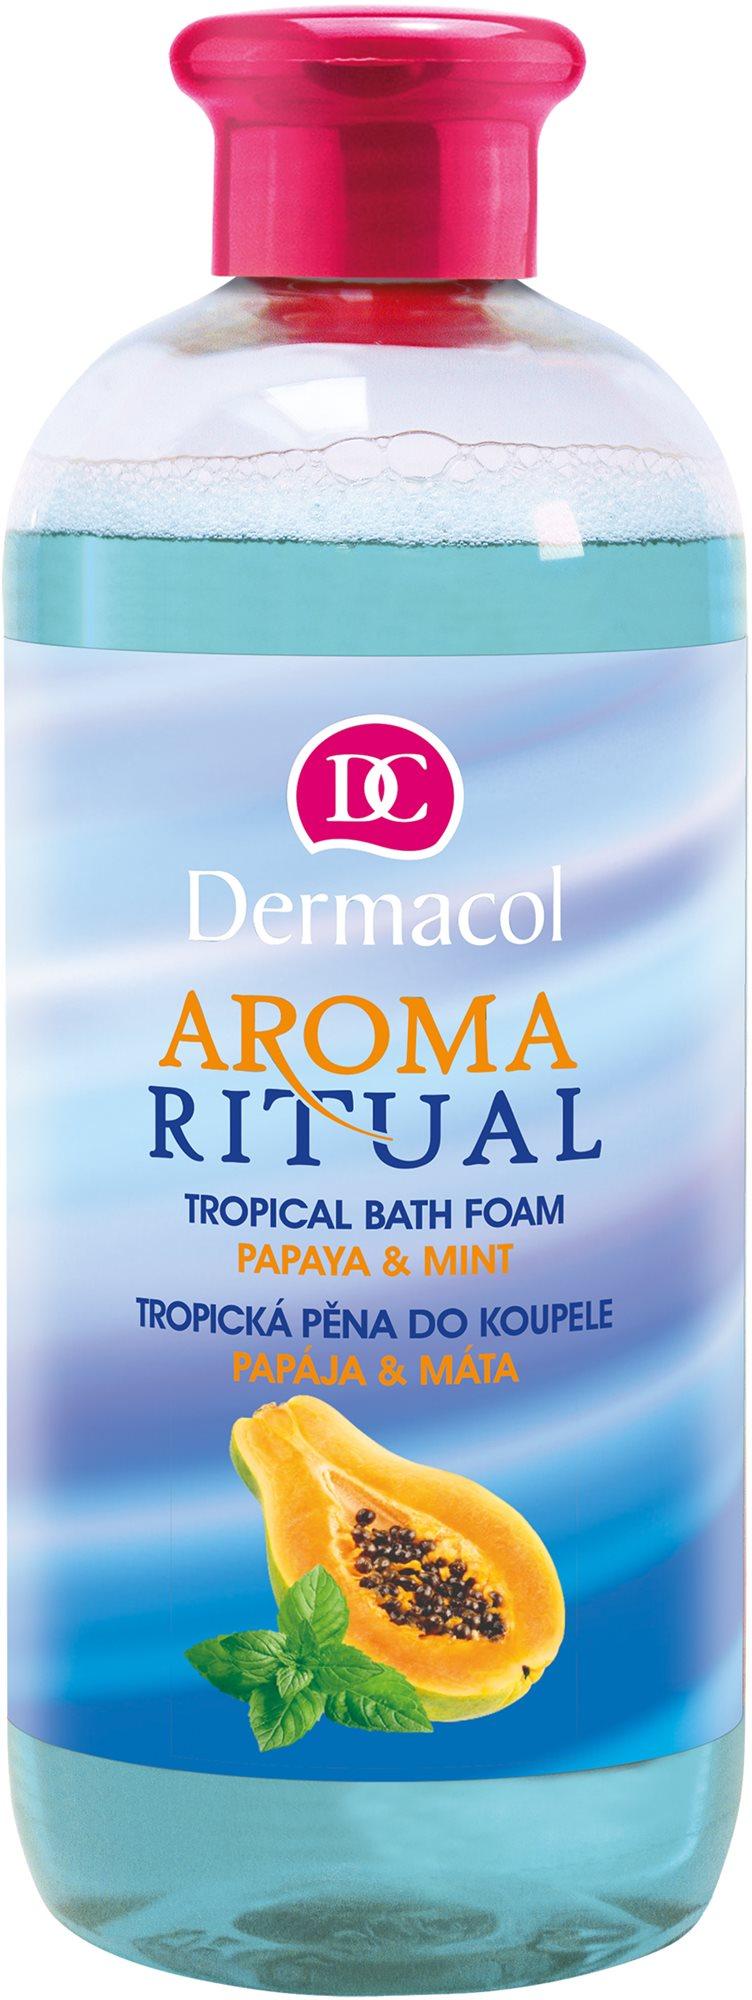 DERMACOL Aroma Ritual Papaya & Mint Tropical Bath Foam 500 ml